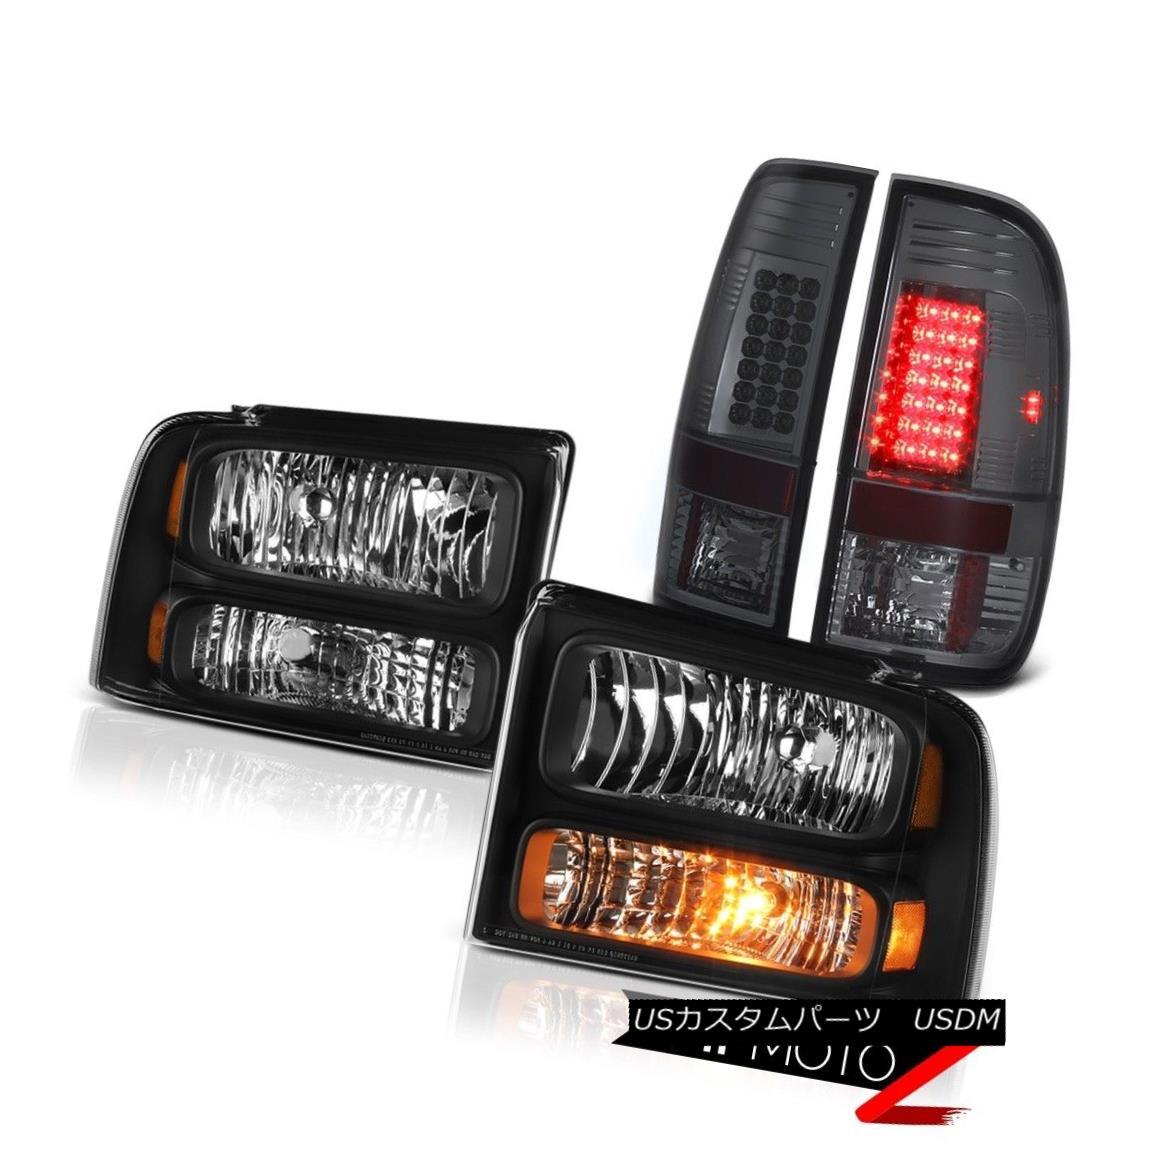 テールライト Inky Black Headlights Smoke LED TailLights 2005 2006 2007 Ford F250 F350 5.4L Inky BlackヘッドライトSmoke LED TailLights 2005 2006 2007 Ford F250 F350 5.4L